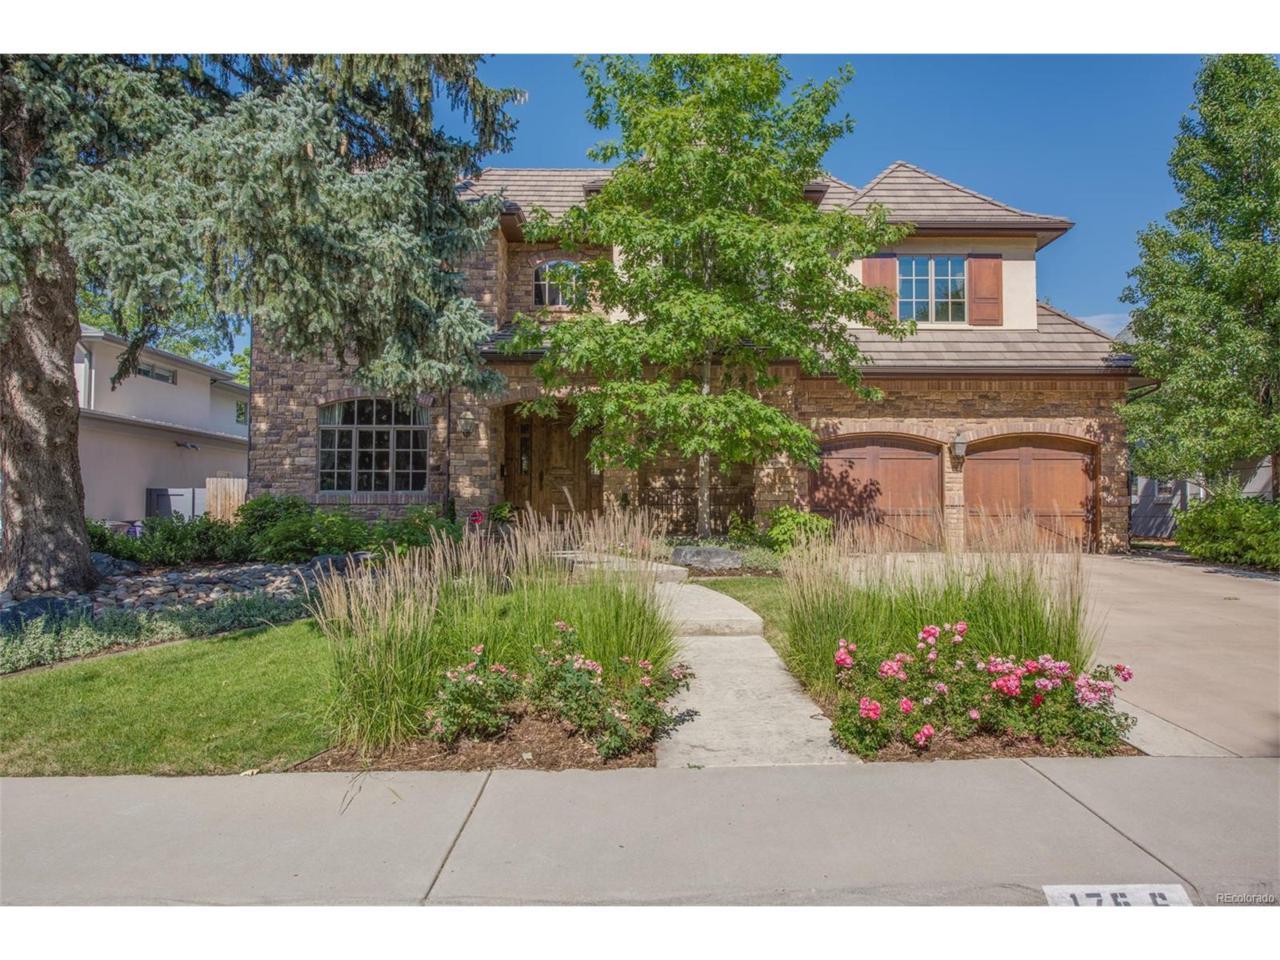 175 S Forest Street, Denver, CO 80246 (MLS #3630450) :: 8z Real Estate